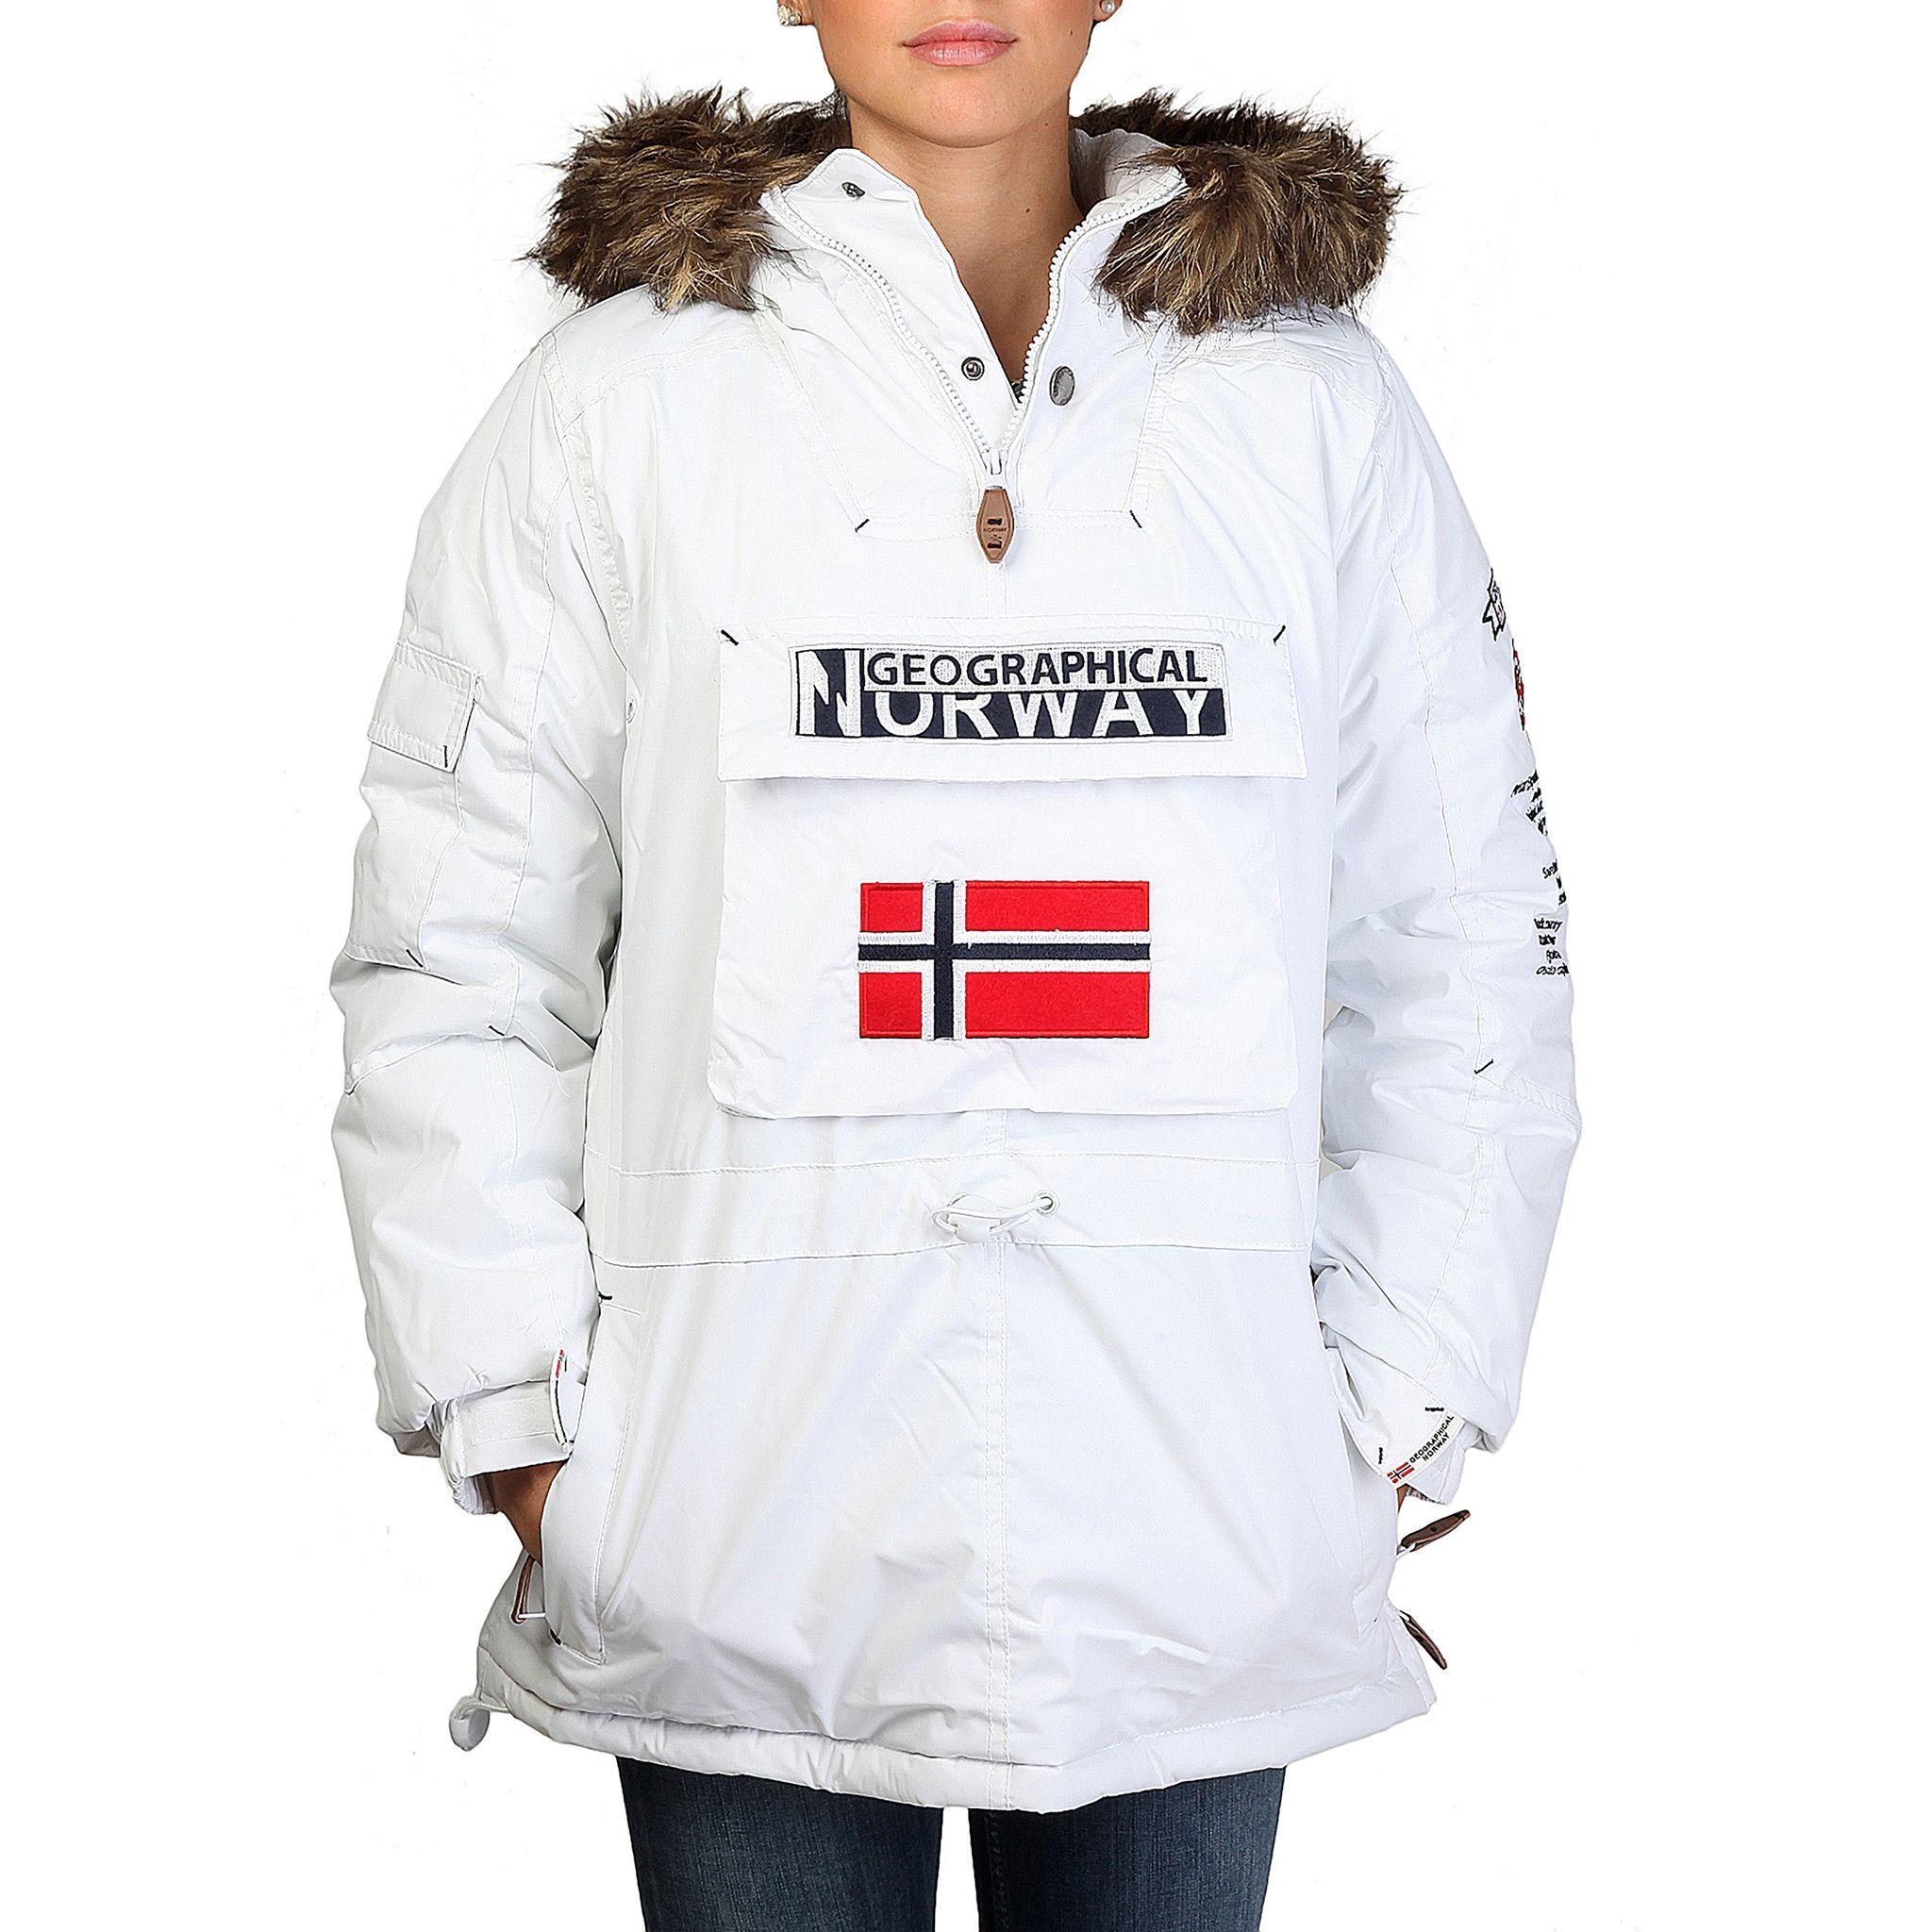 numerosos en variedad compra especial acogedor fresco Norway ropa mujer - Geographical Norway España ®